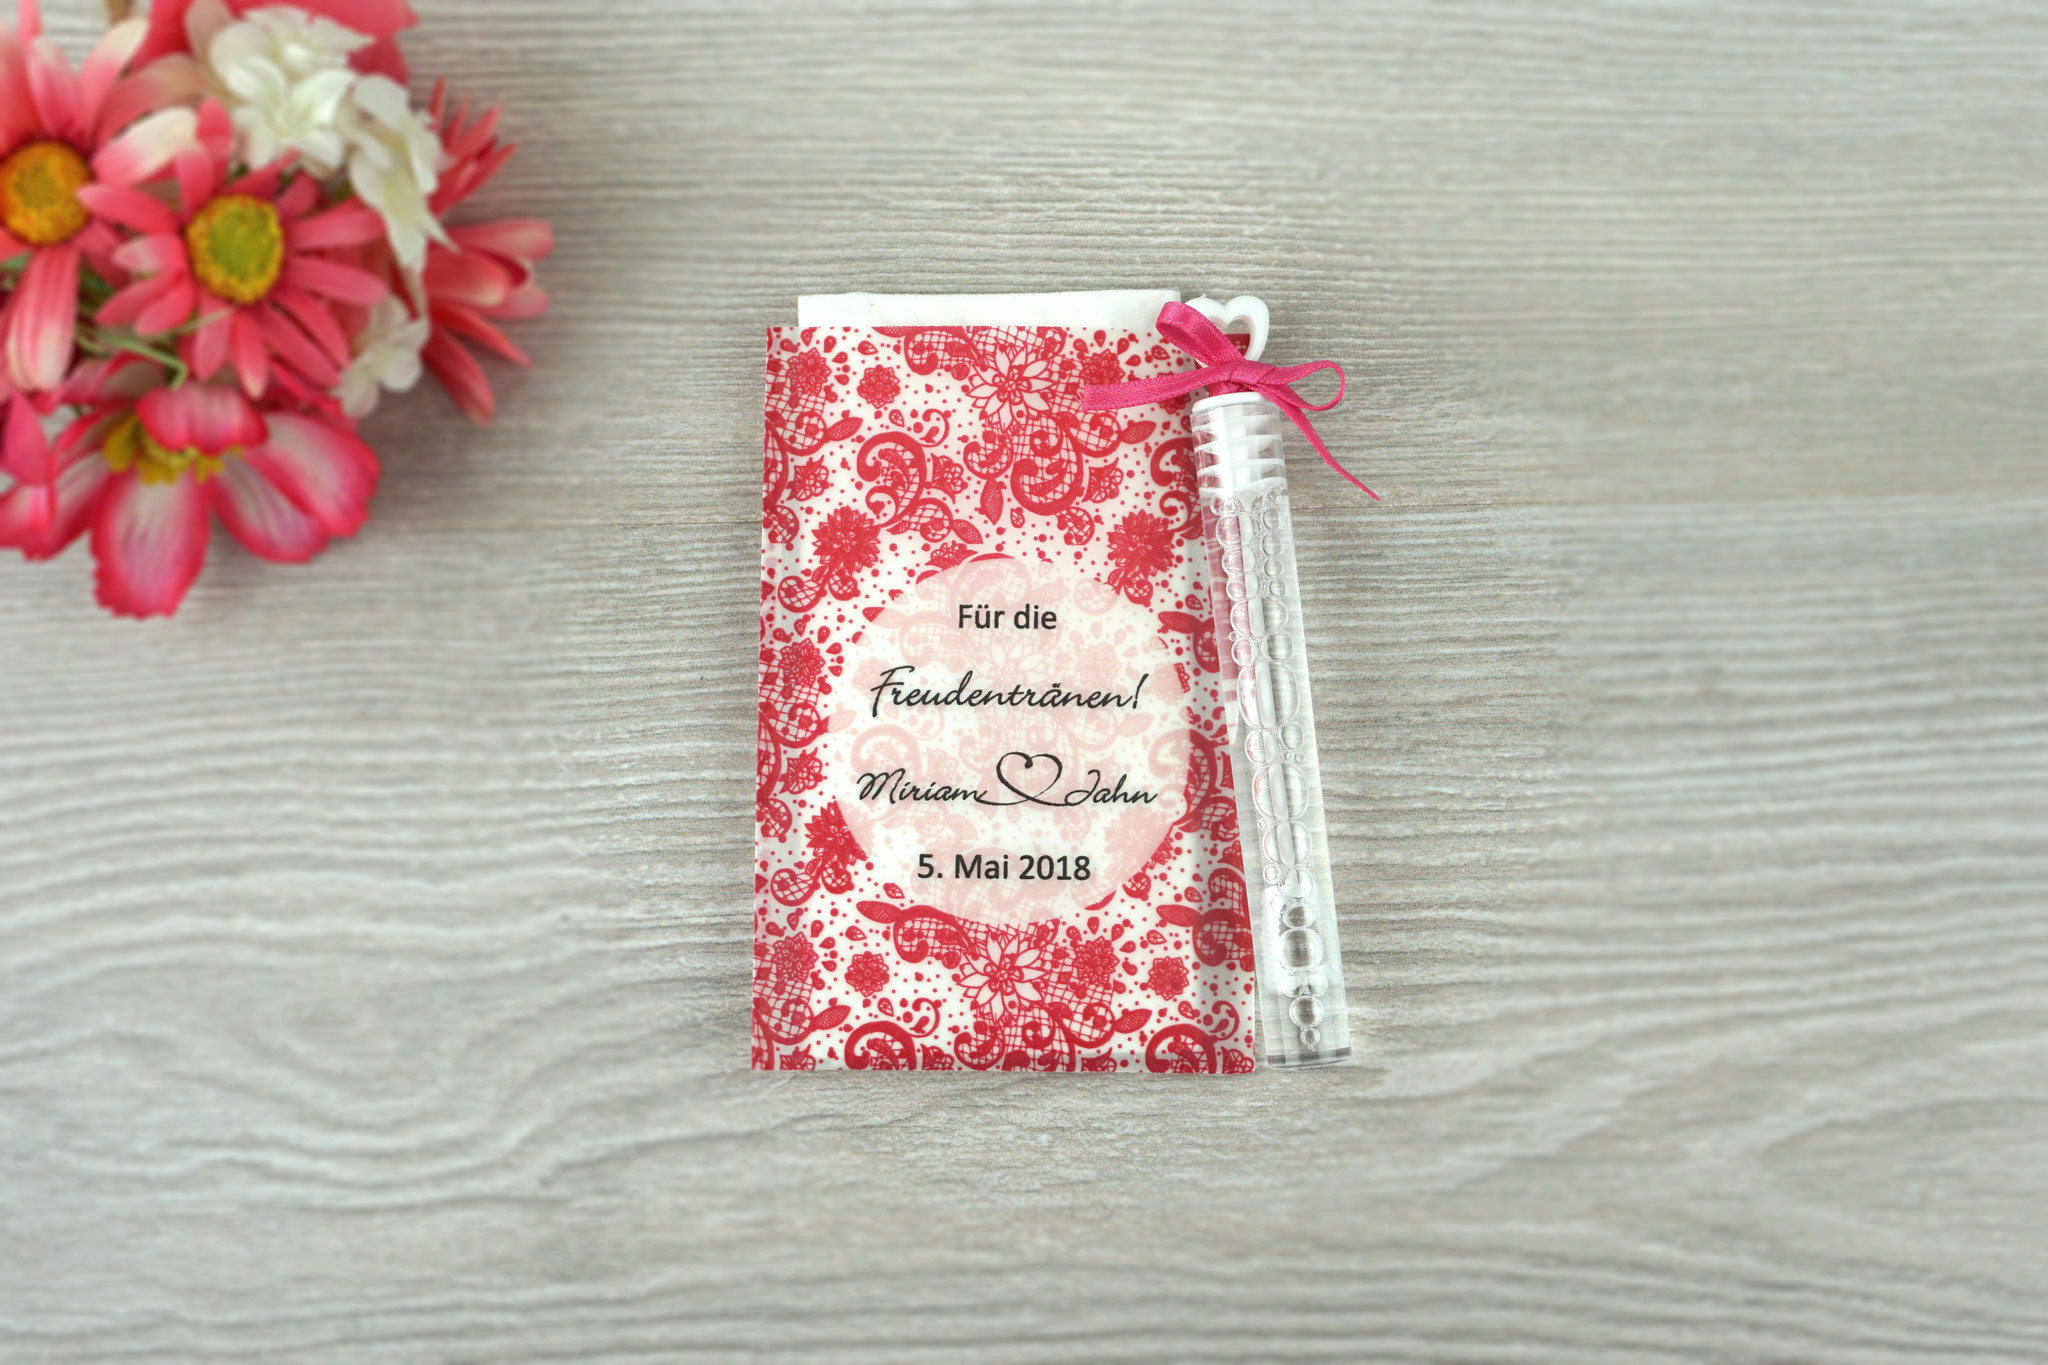 Freudentränen Taschentücher mit Seifenblasen, Design Spitze Vintage, Farbe pink, Satinband